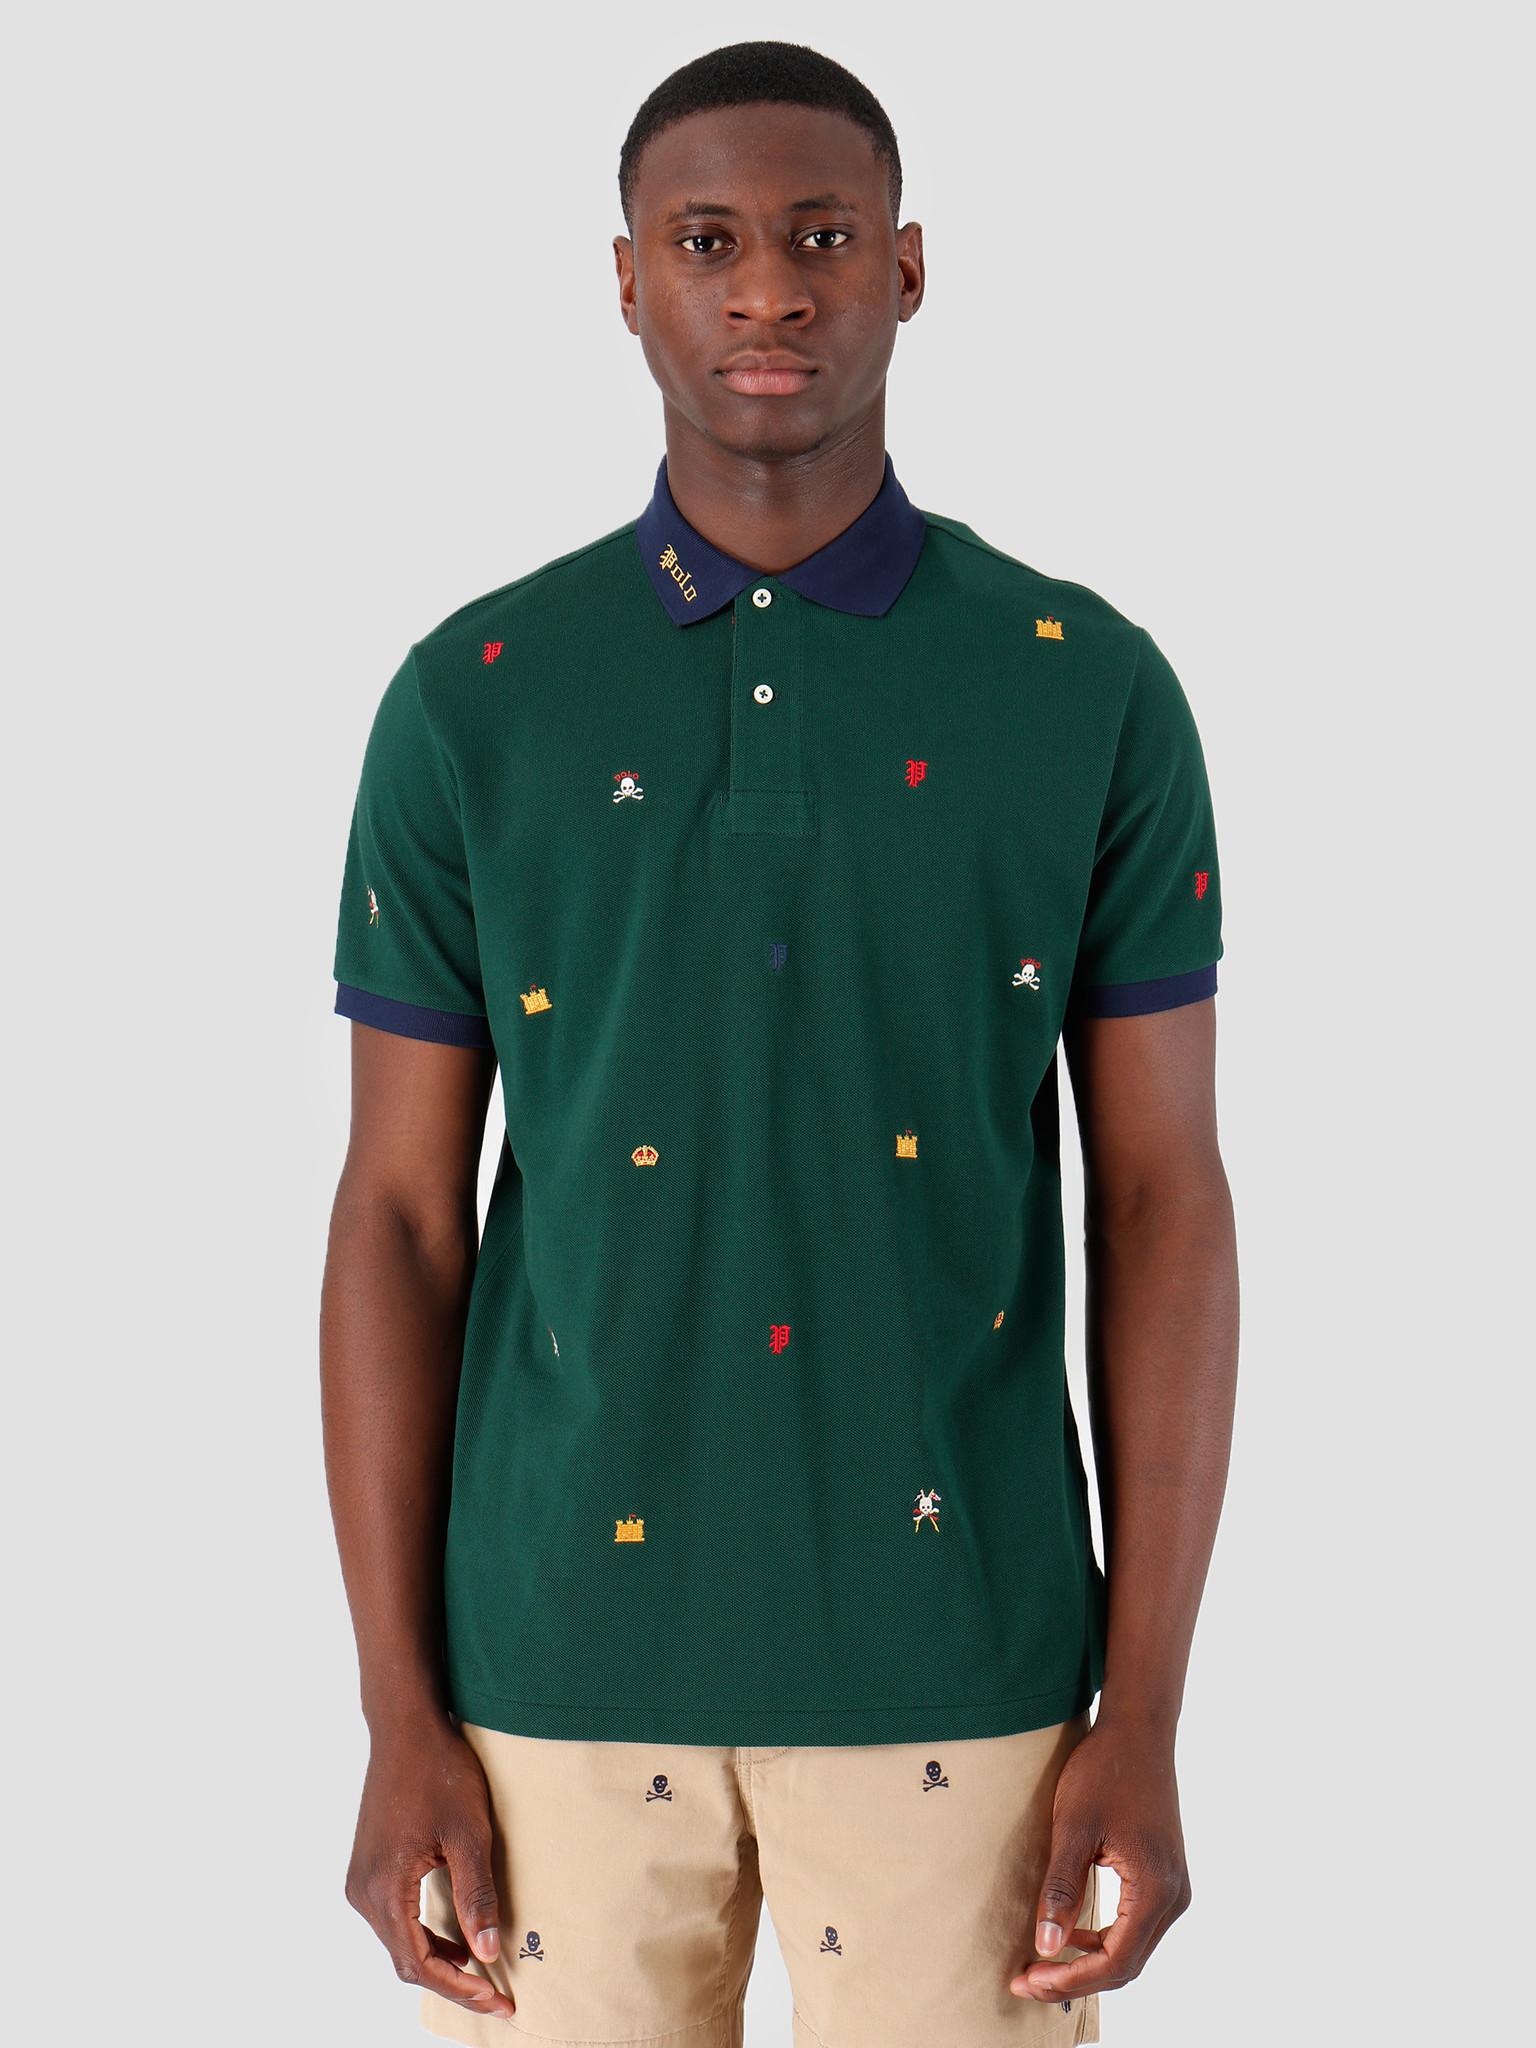 Polo Ralph Lauren Polo Ralph Lauren Basic Mesh T-Shirt Green 710763786001